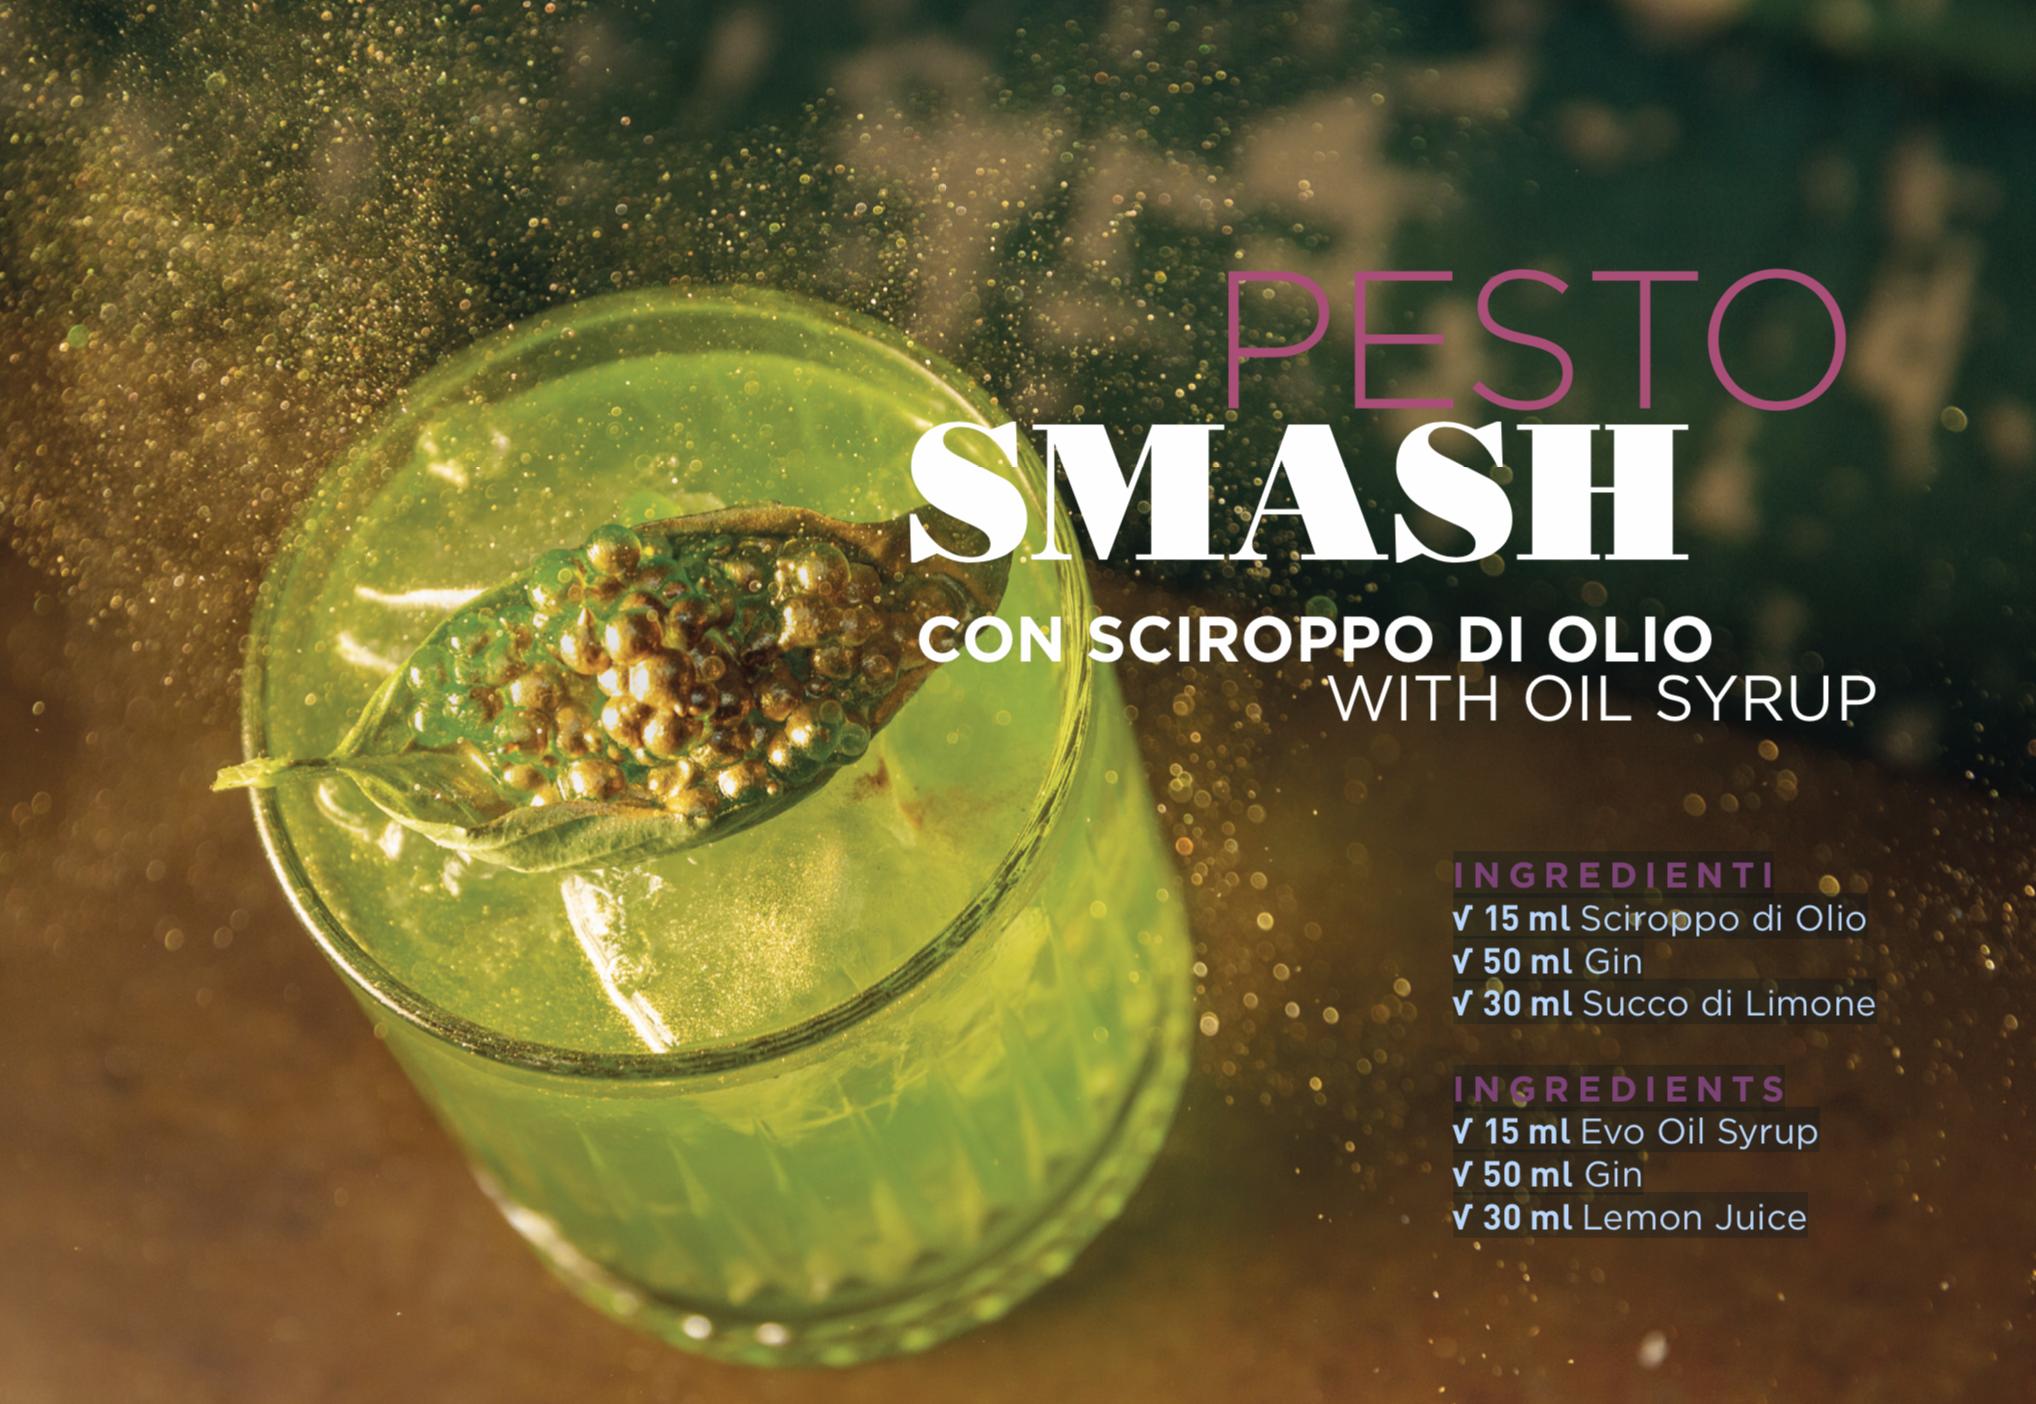 PESTO SMASH CON SCIROPPO DI OLIO